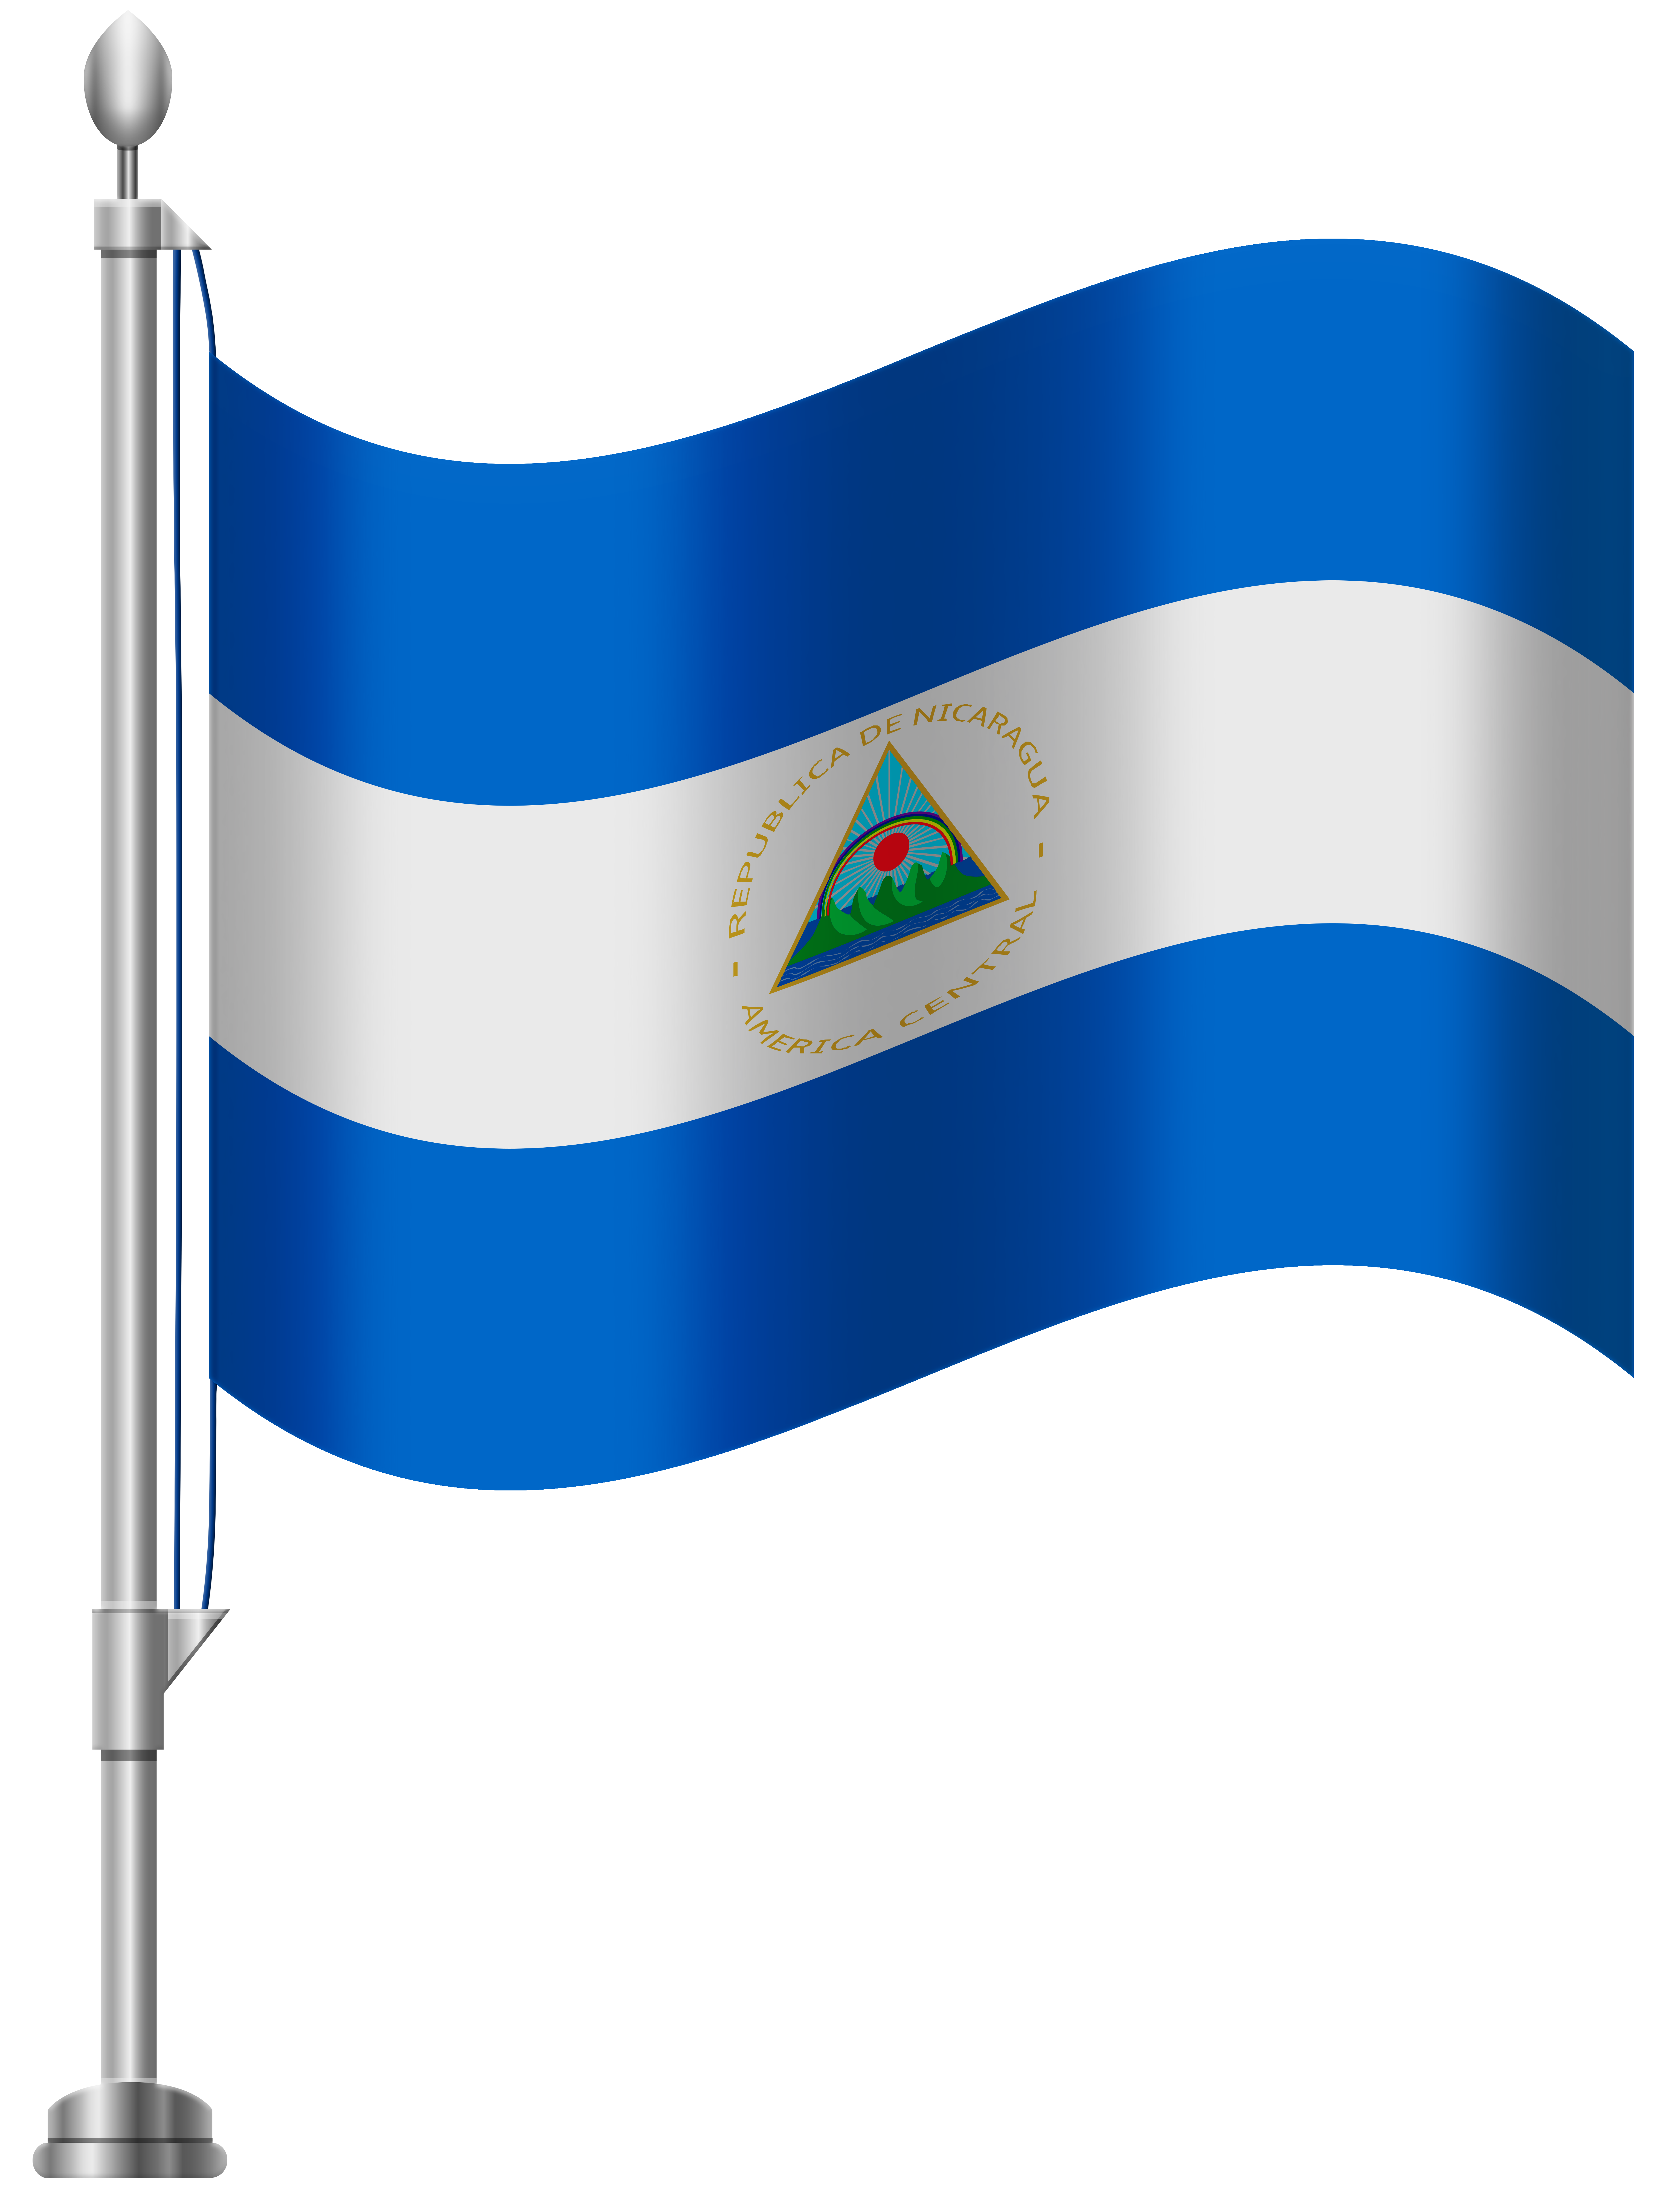 Nicaragua clipart #3, Download drawings